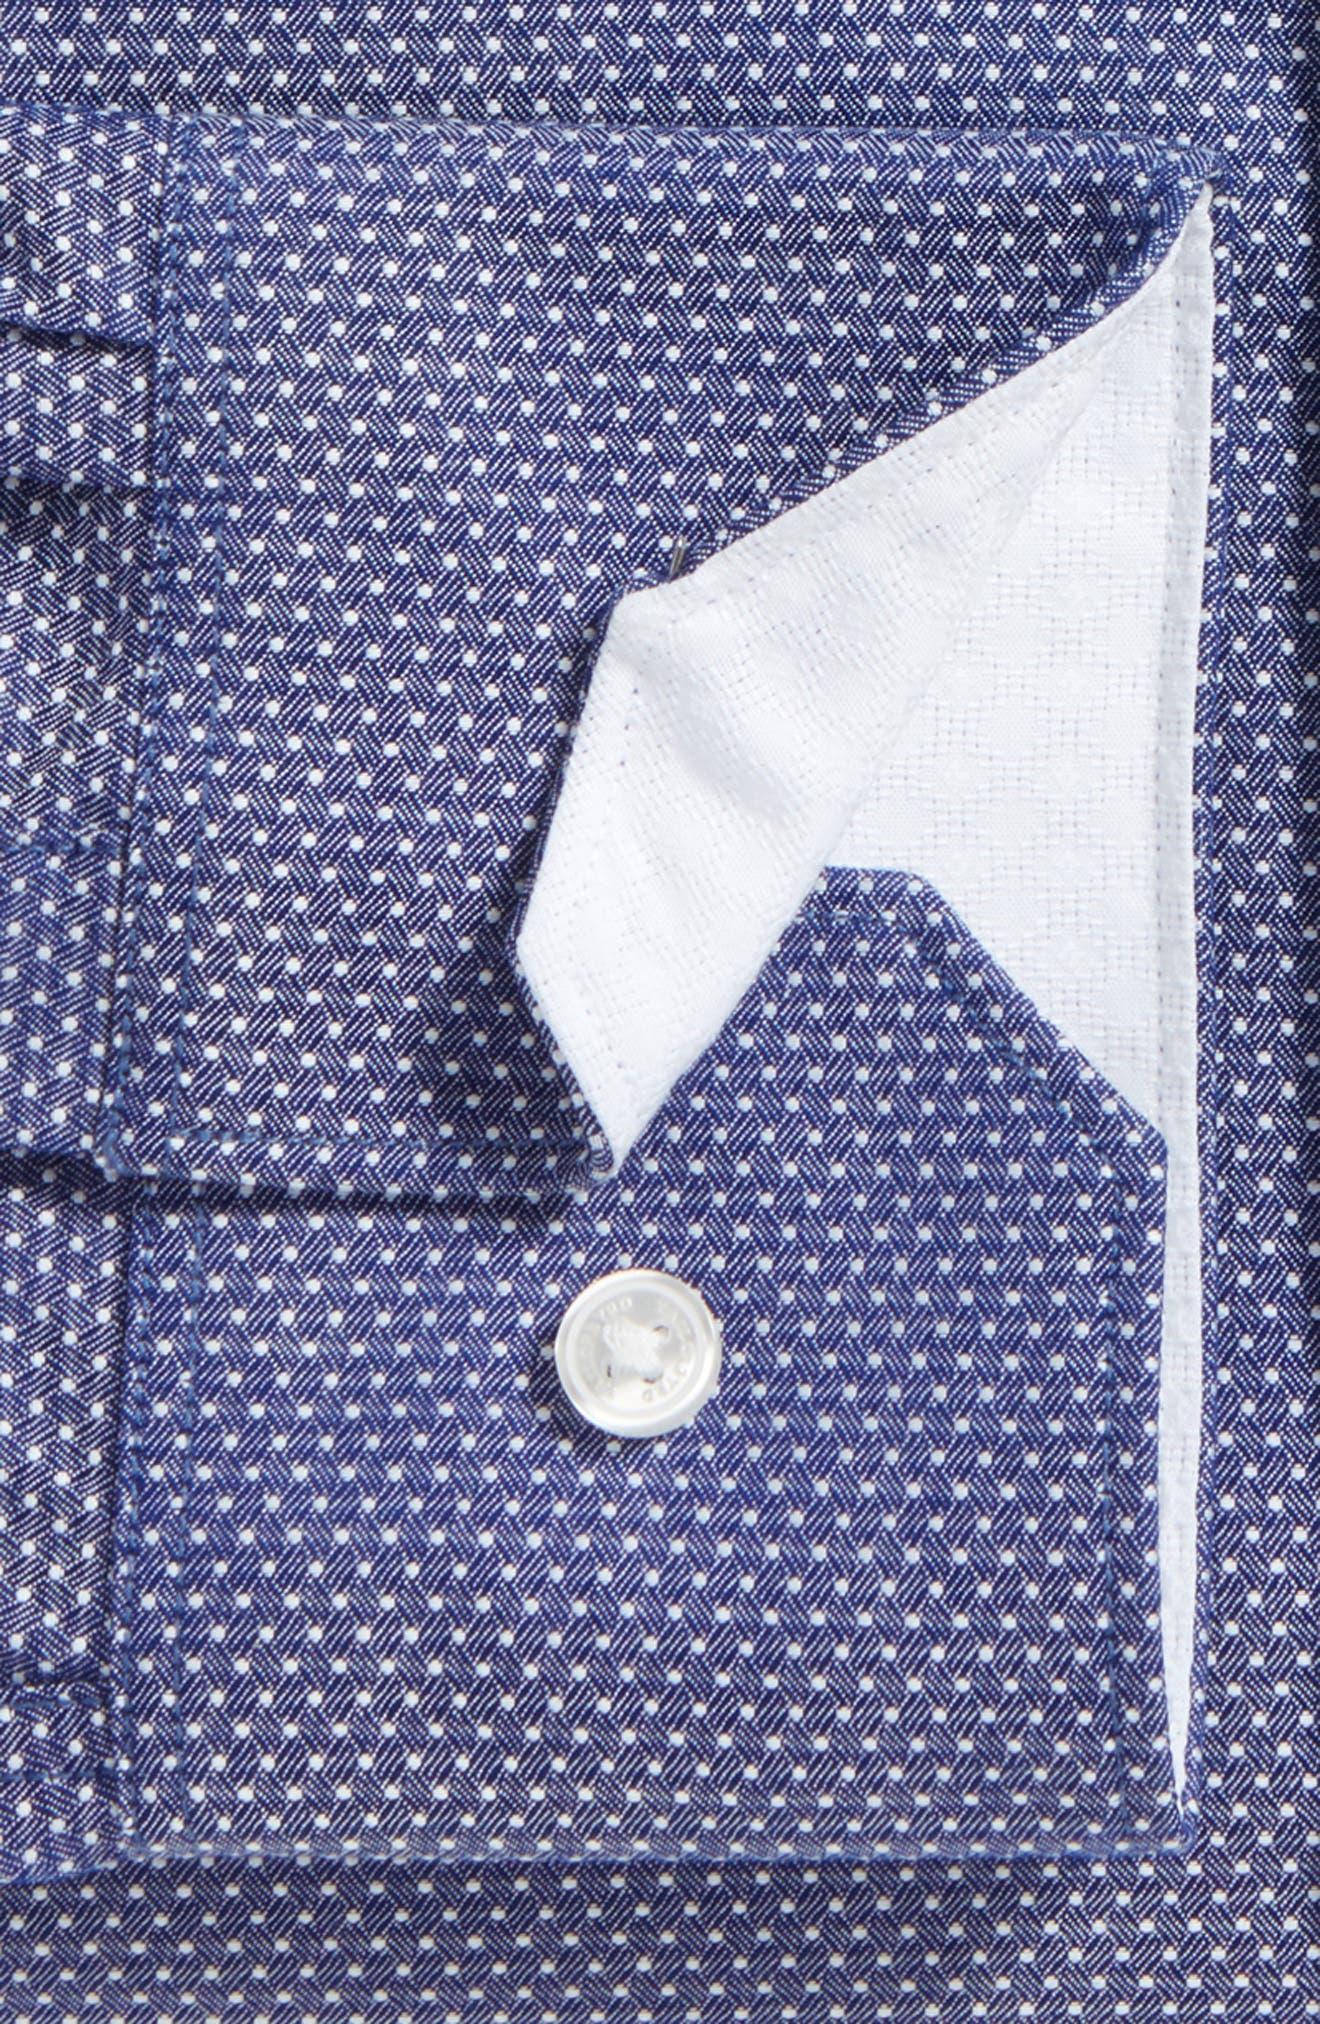 Eden Isle Trim Fit Non-Iron Geometric Dress Shirt,                             Alternate thumbnail 2, color,                             410